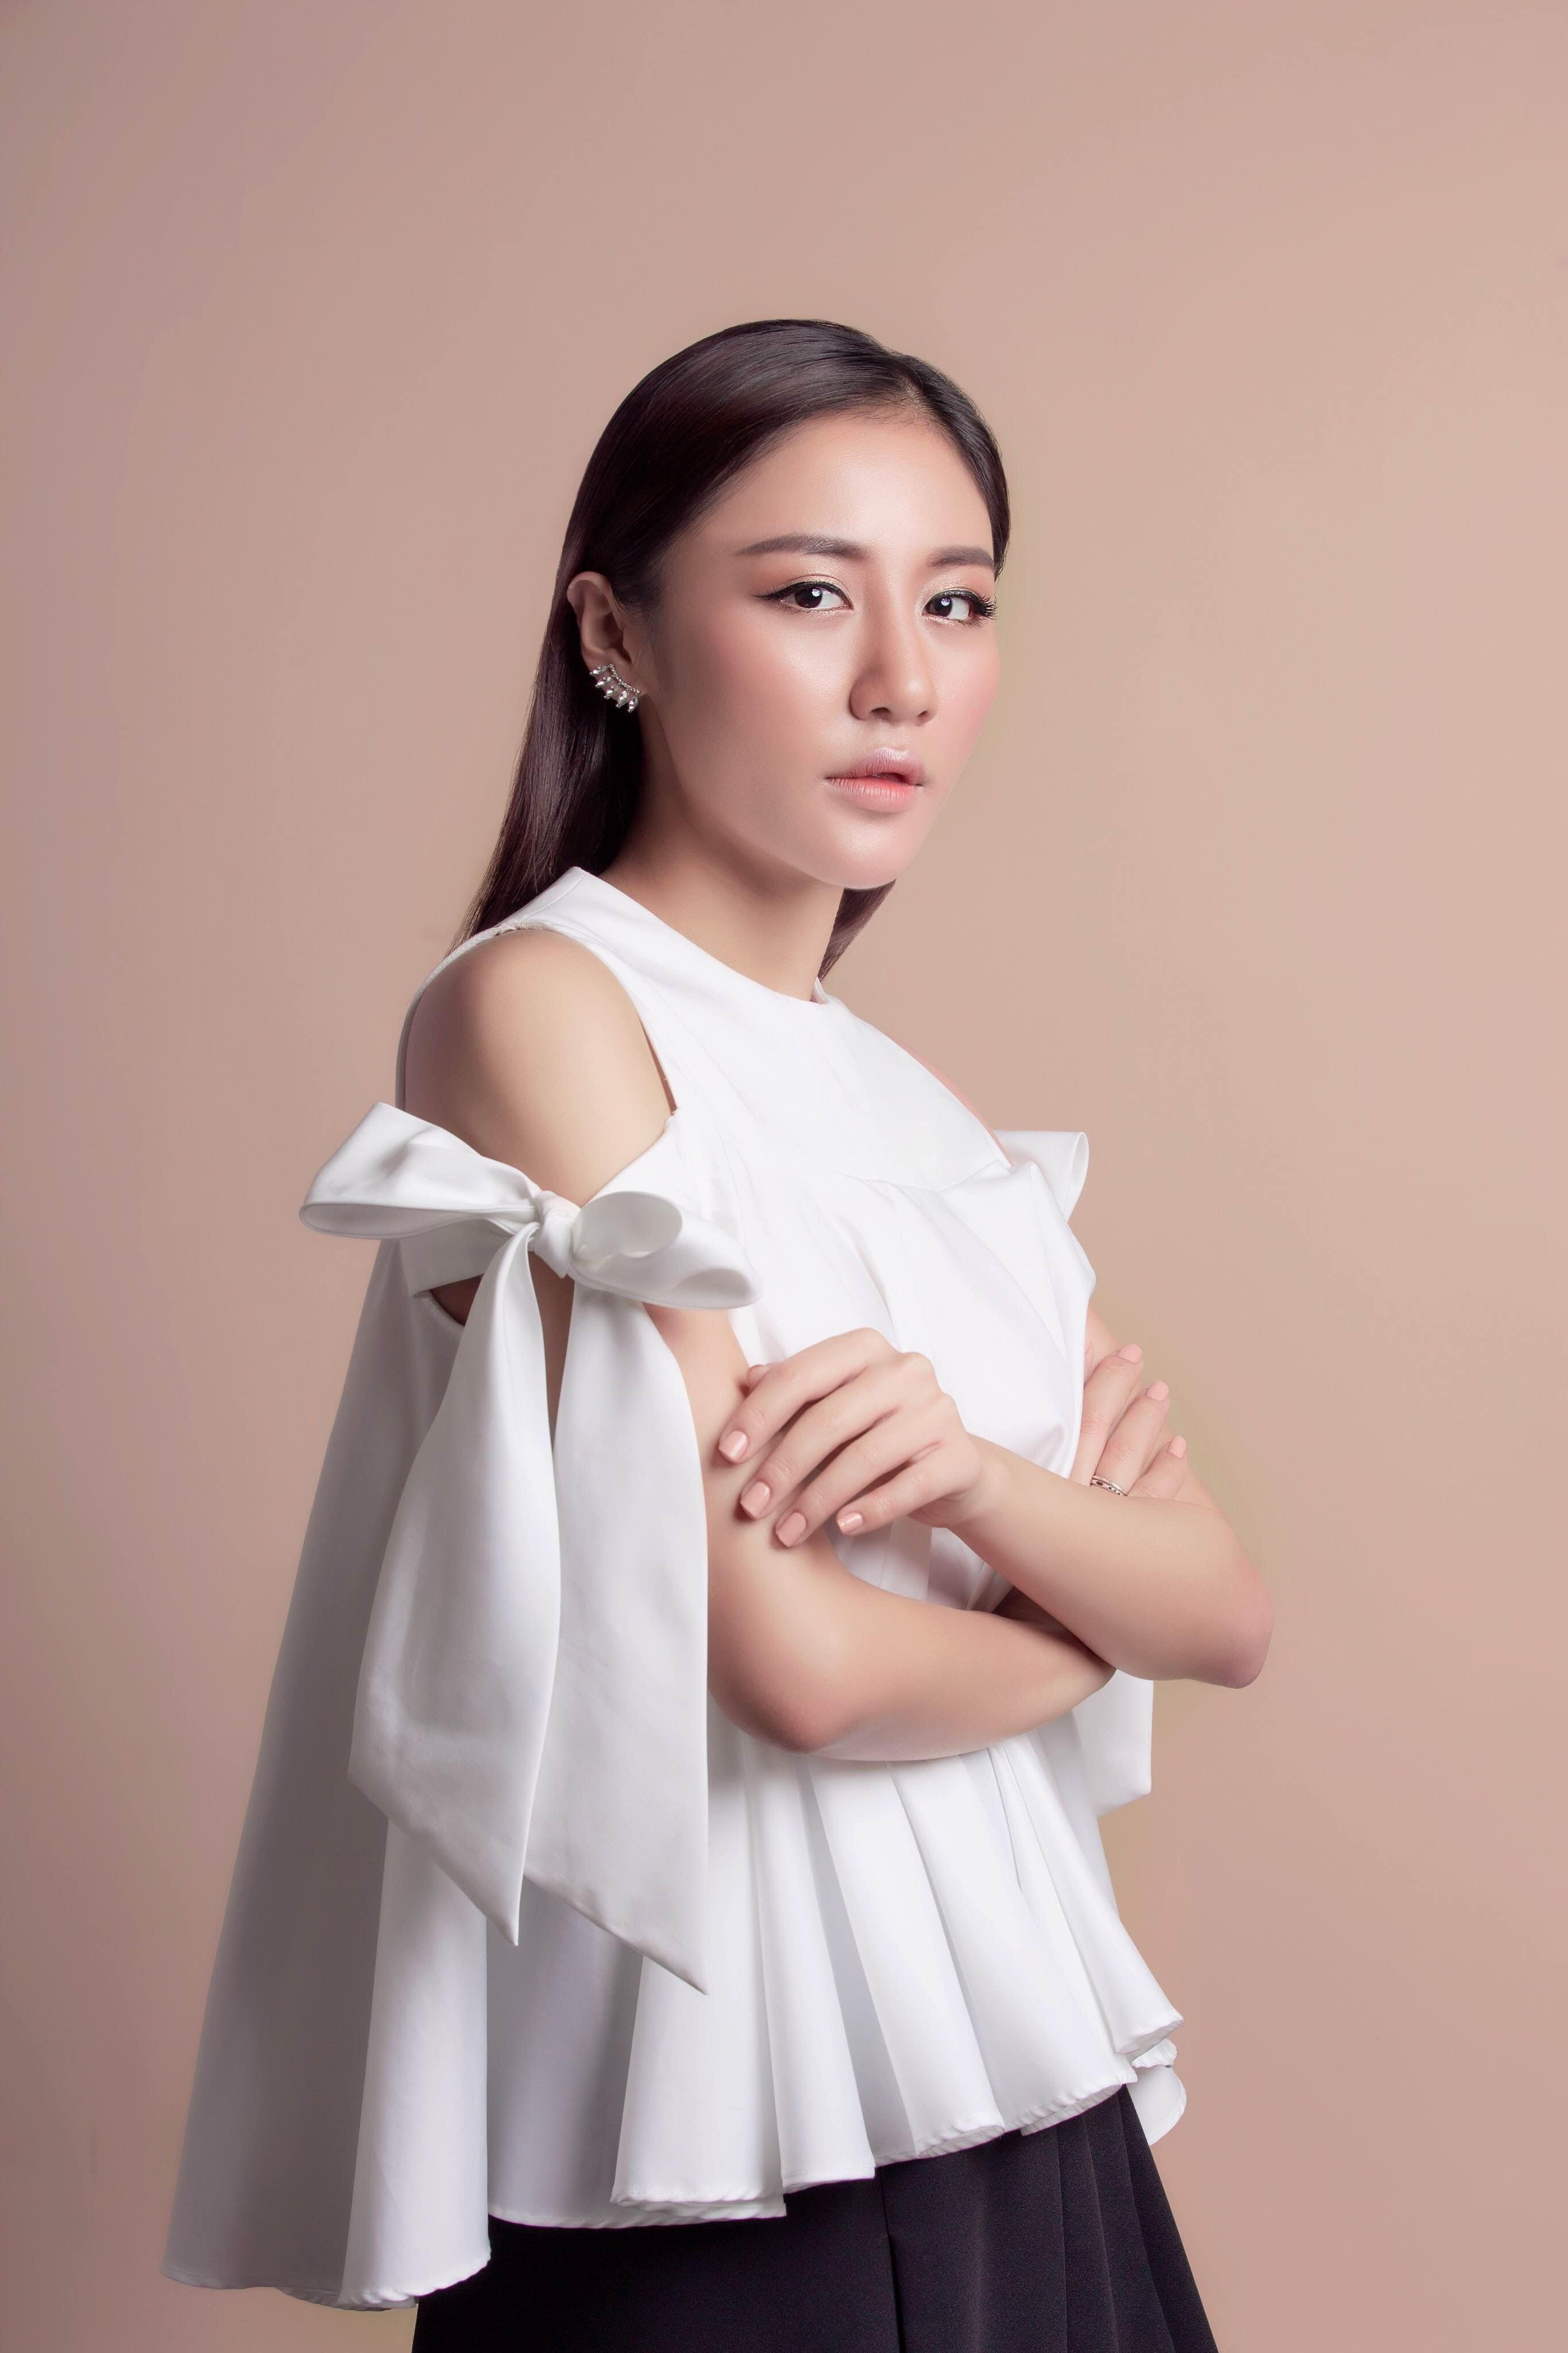 Từng có kinh nghiệm ngồi ghế nóng của nhiều chương trình, Văn Mai Hương được kỳ vọng sẽ làm nên chuyện ở Vietnam Idol Kids. Ảnh: HT.